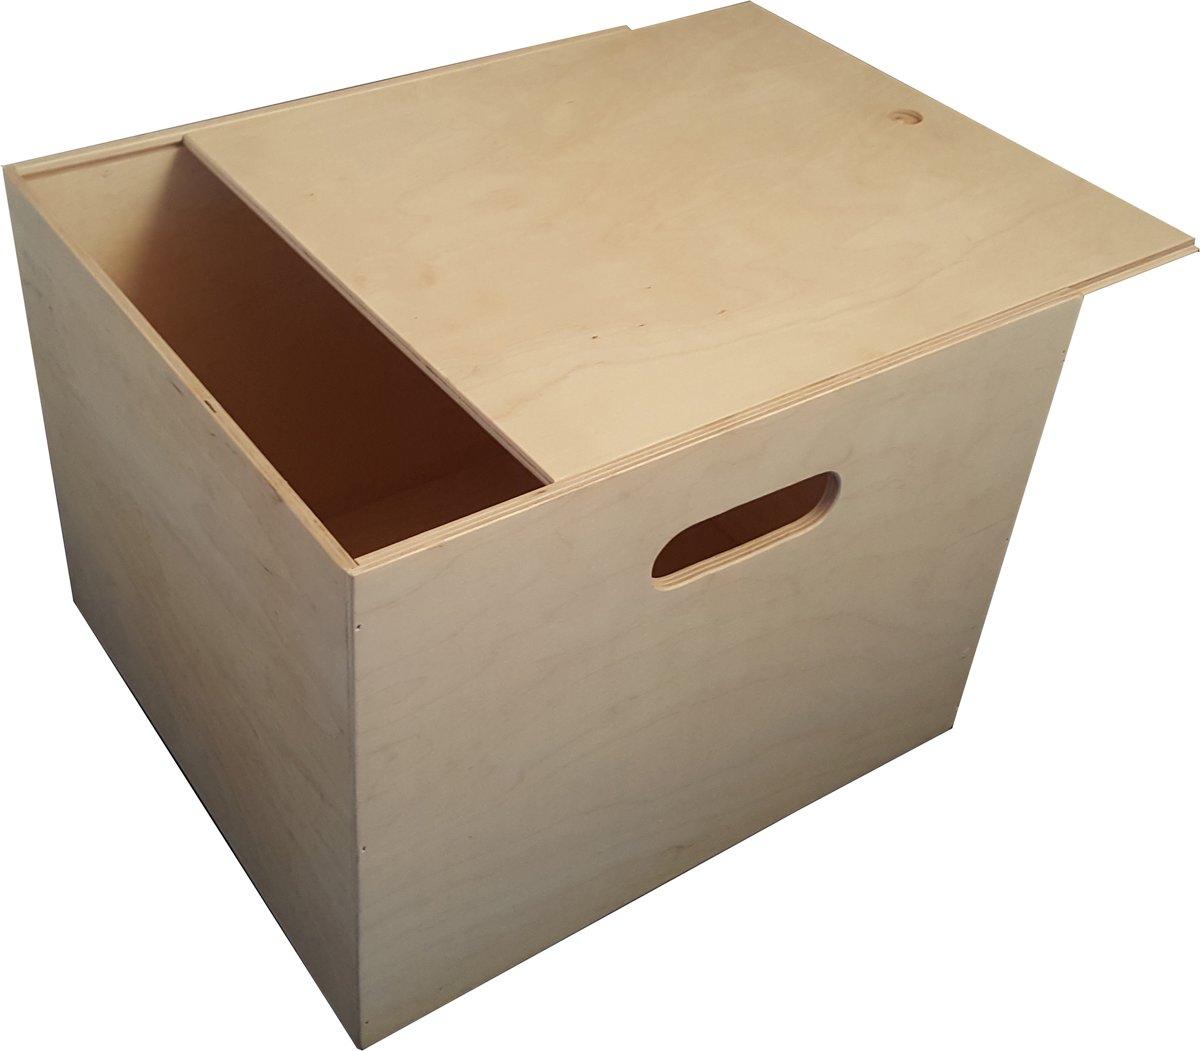 Playwood - Houten opbergkist met schuifdeksel vierkant - Speelgoedkist